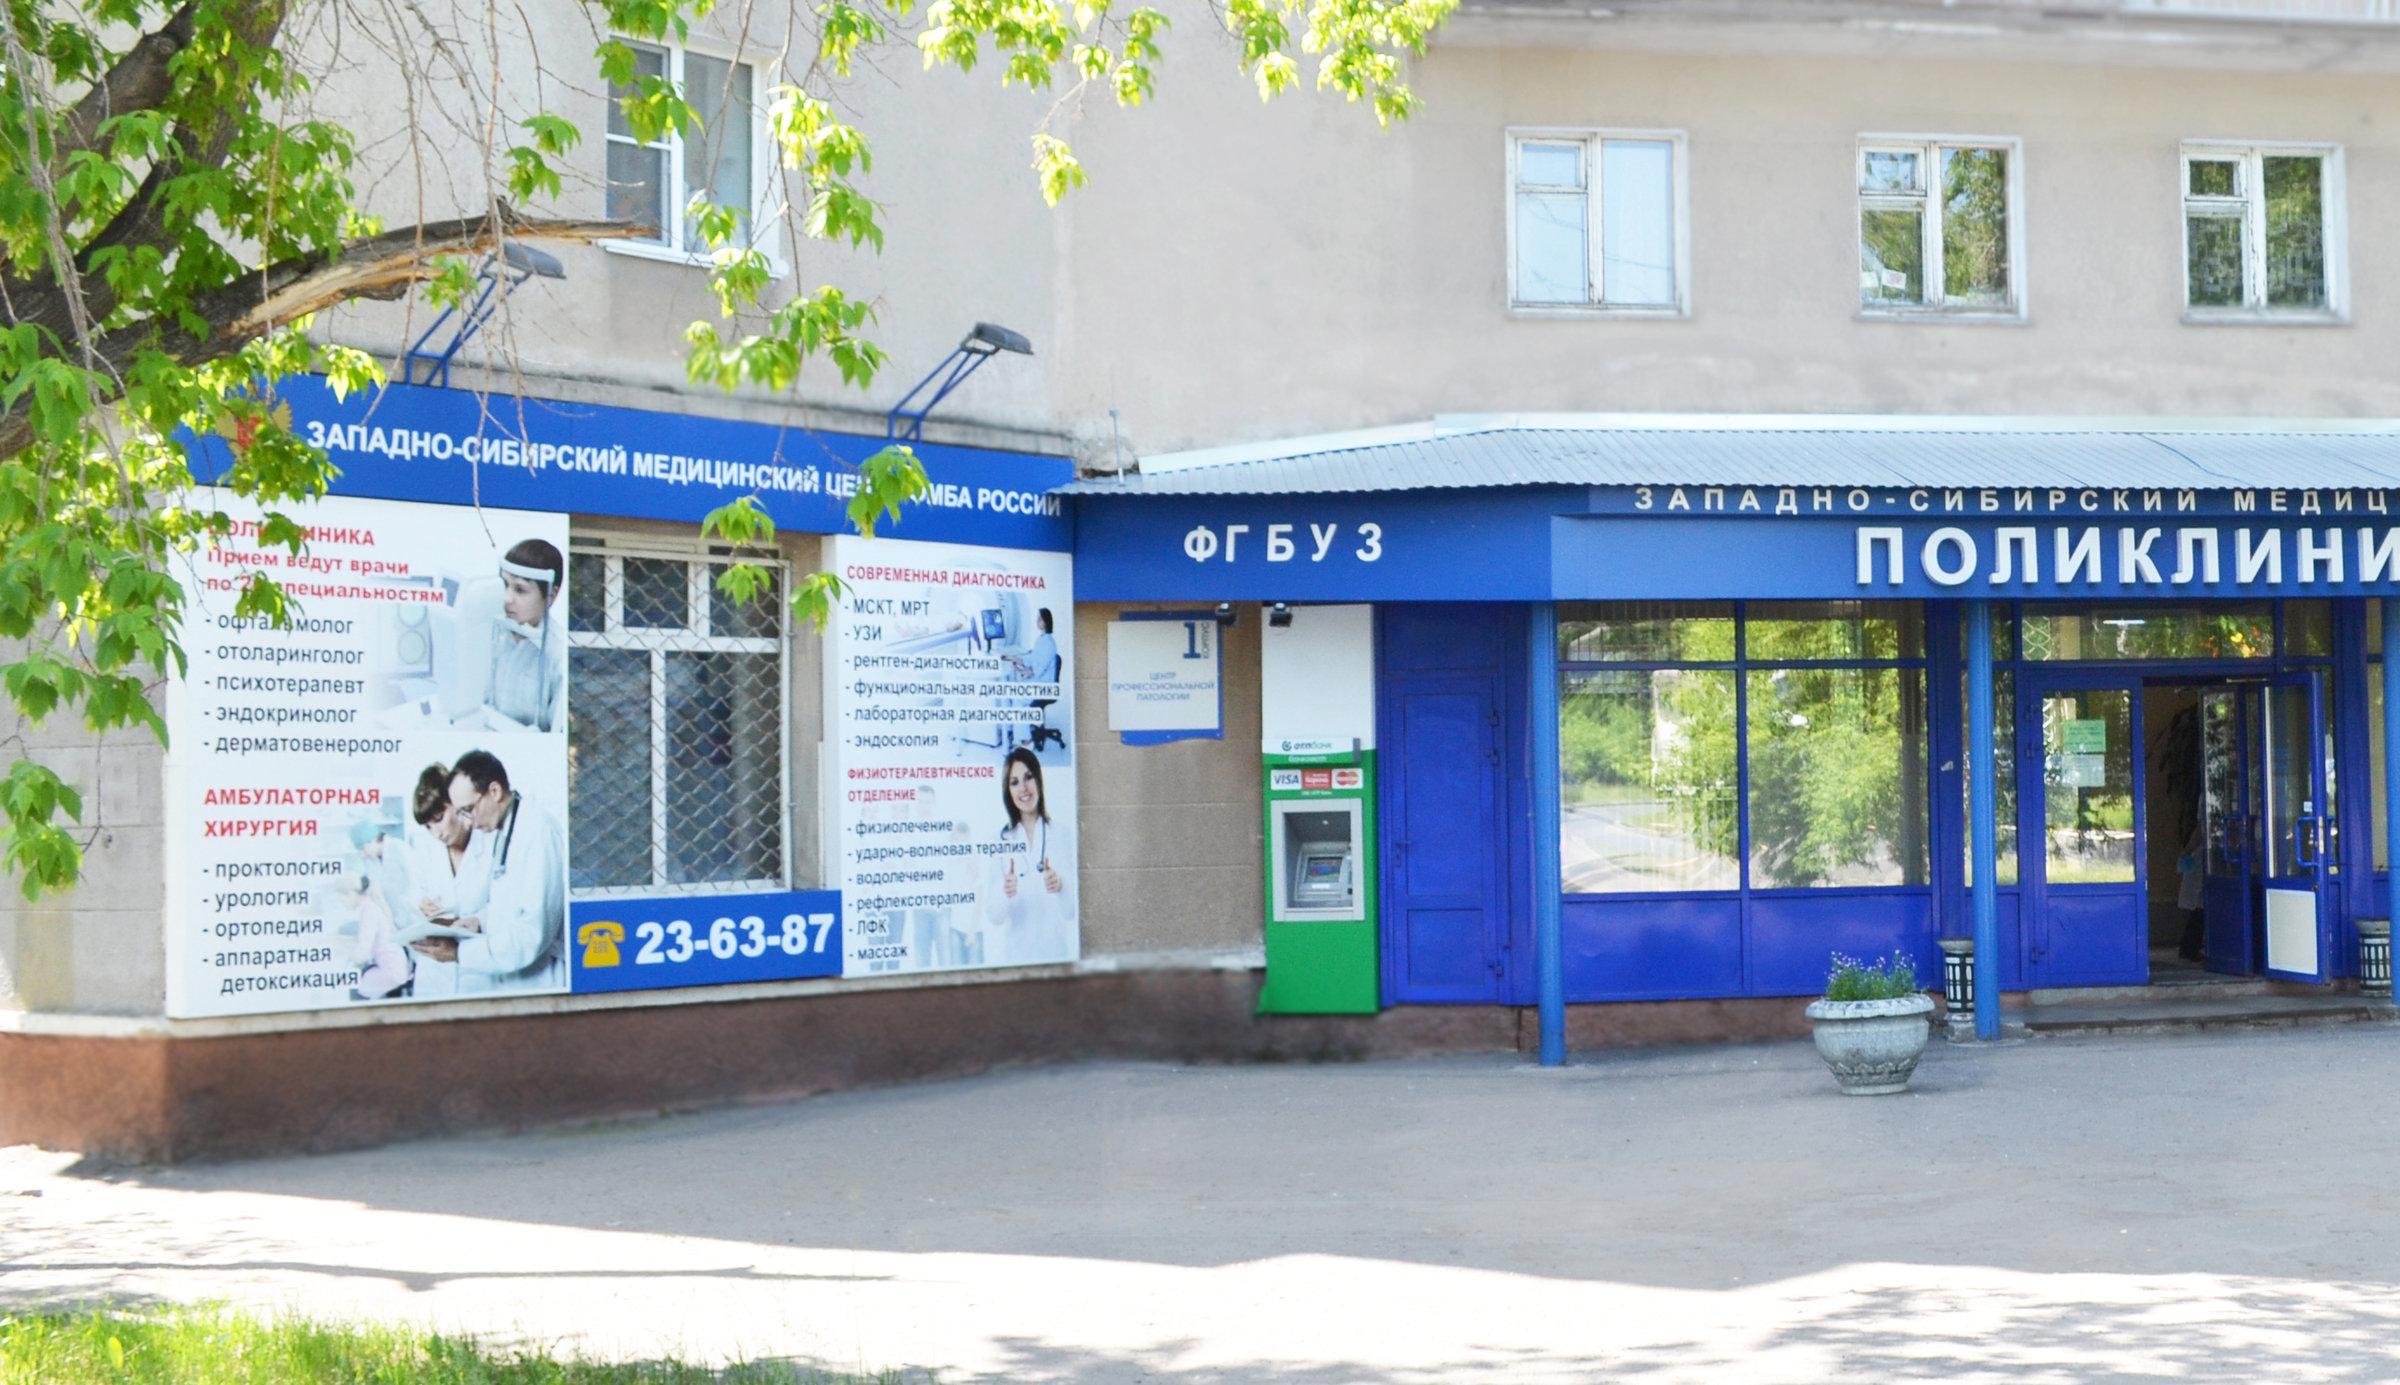 фотография Западно-Сибирский медицинский центр ФМБА России на улице Красный Путь